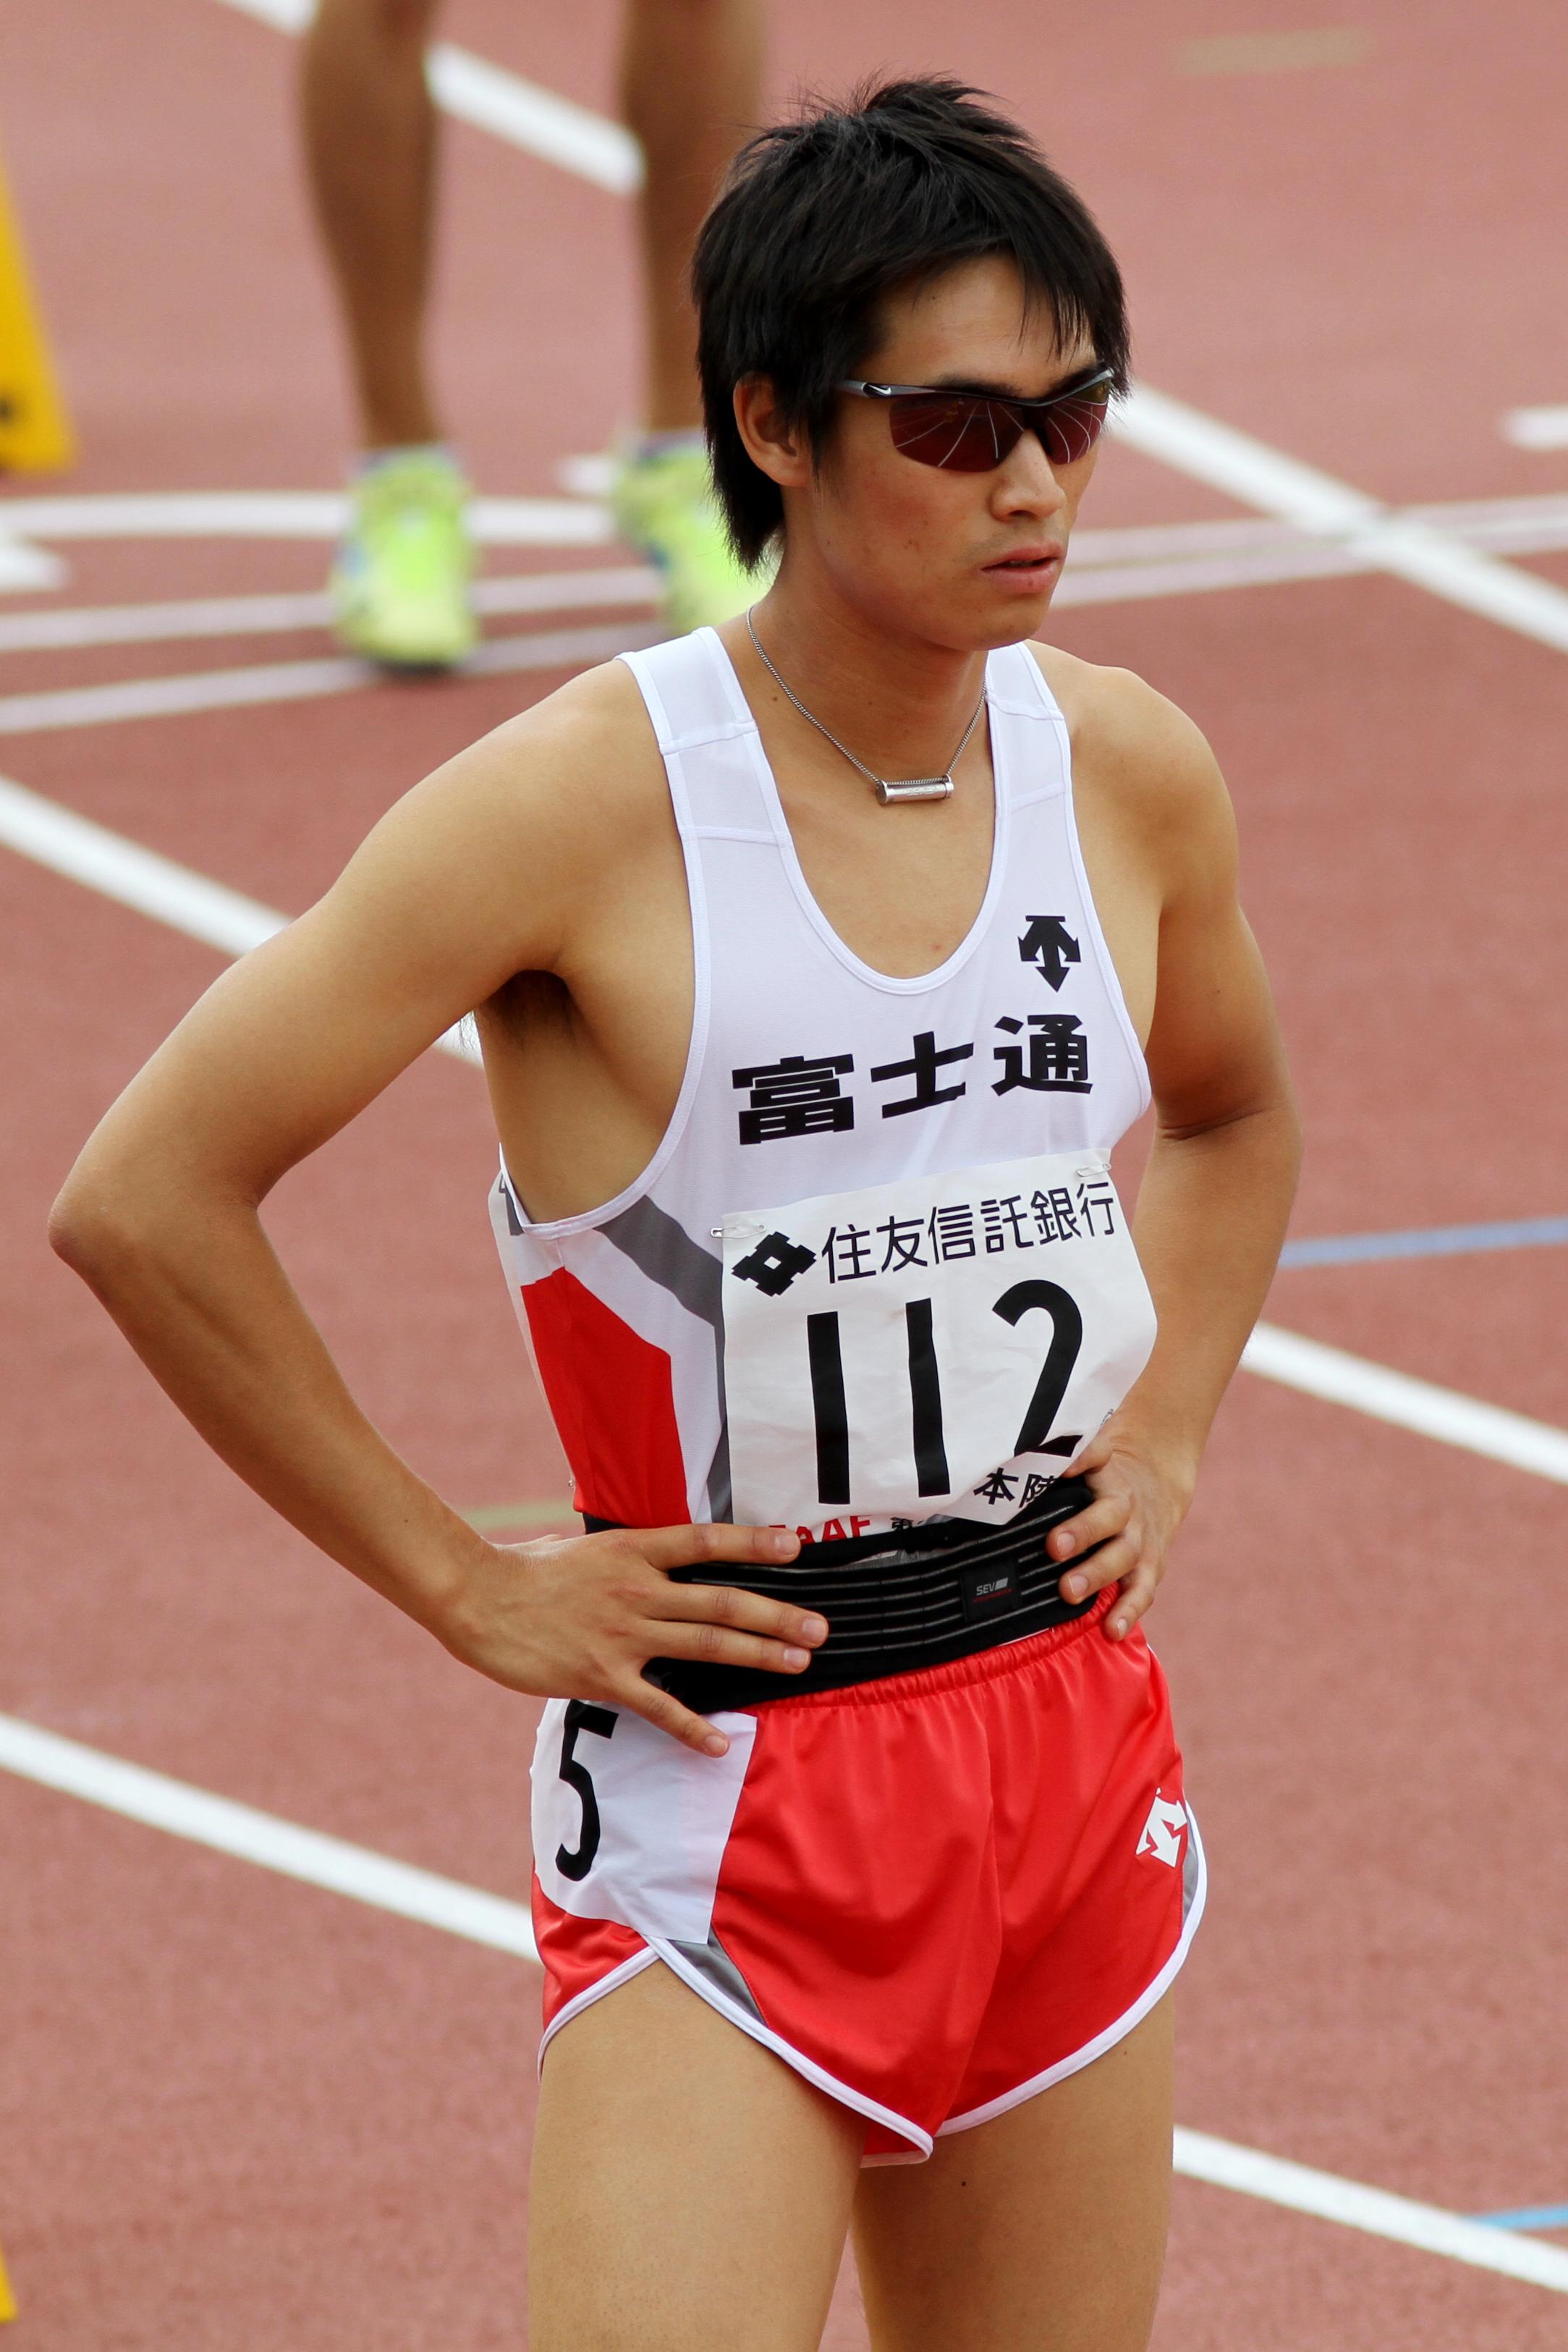 横田真人 (陸上選手) - Wikipedia